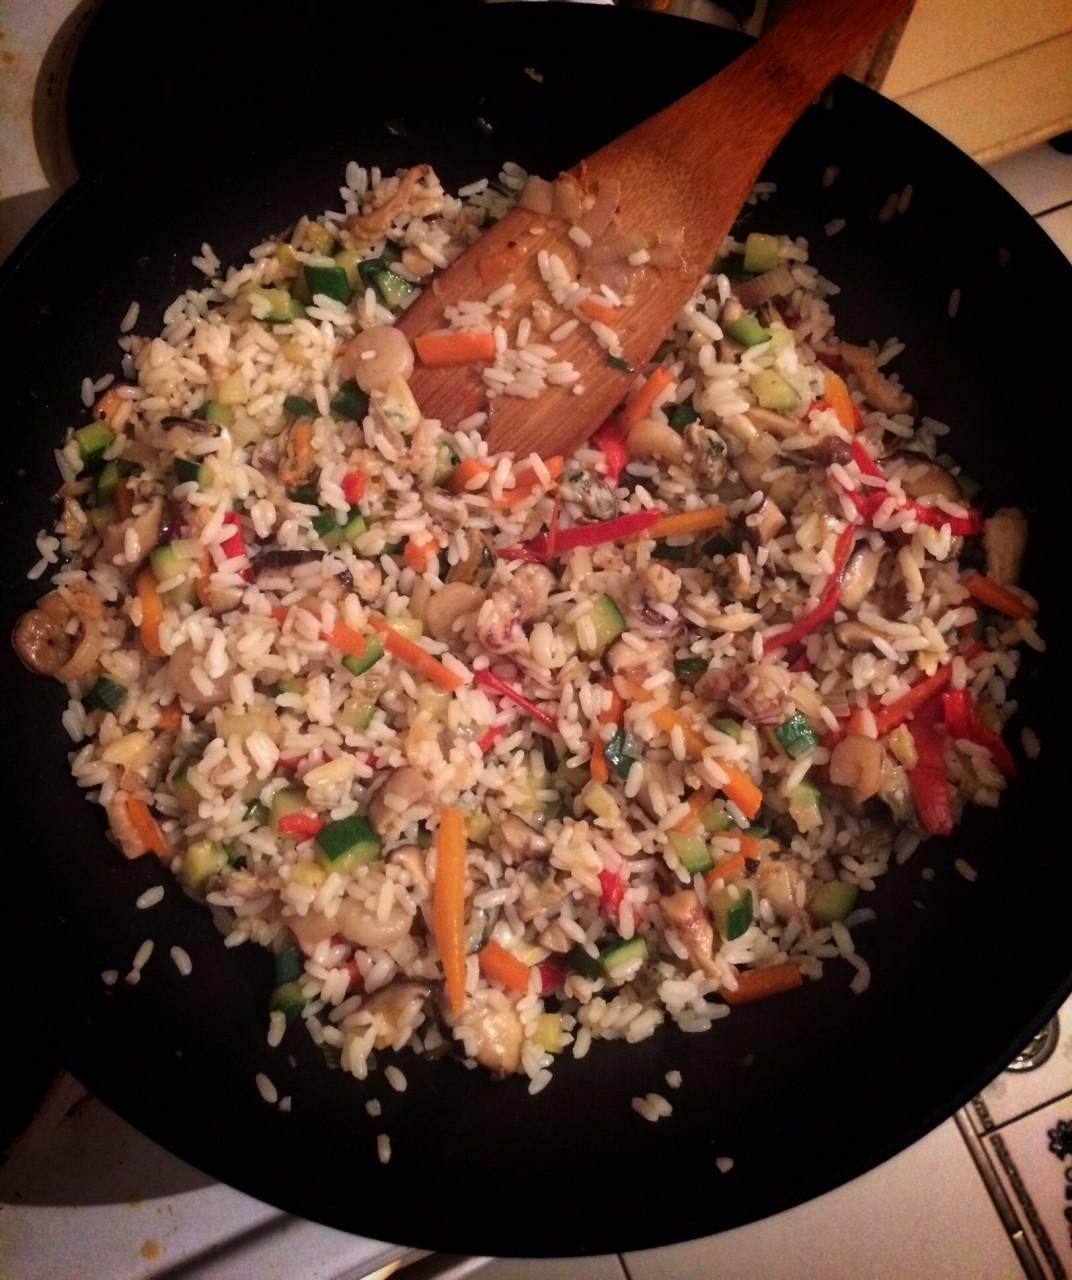 Только хорошо остывший, заранее сваренный рис, в идеале простоявший всю ночь в холодильнике, при попадании в раскаленный вок не расползется до состояния каши и не превратит содержимое сковородки в неповоротливый бесформенный ком.